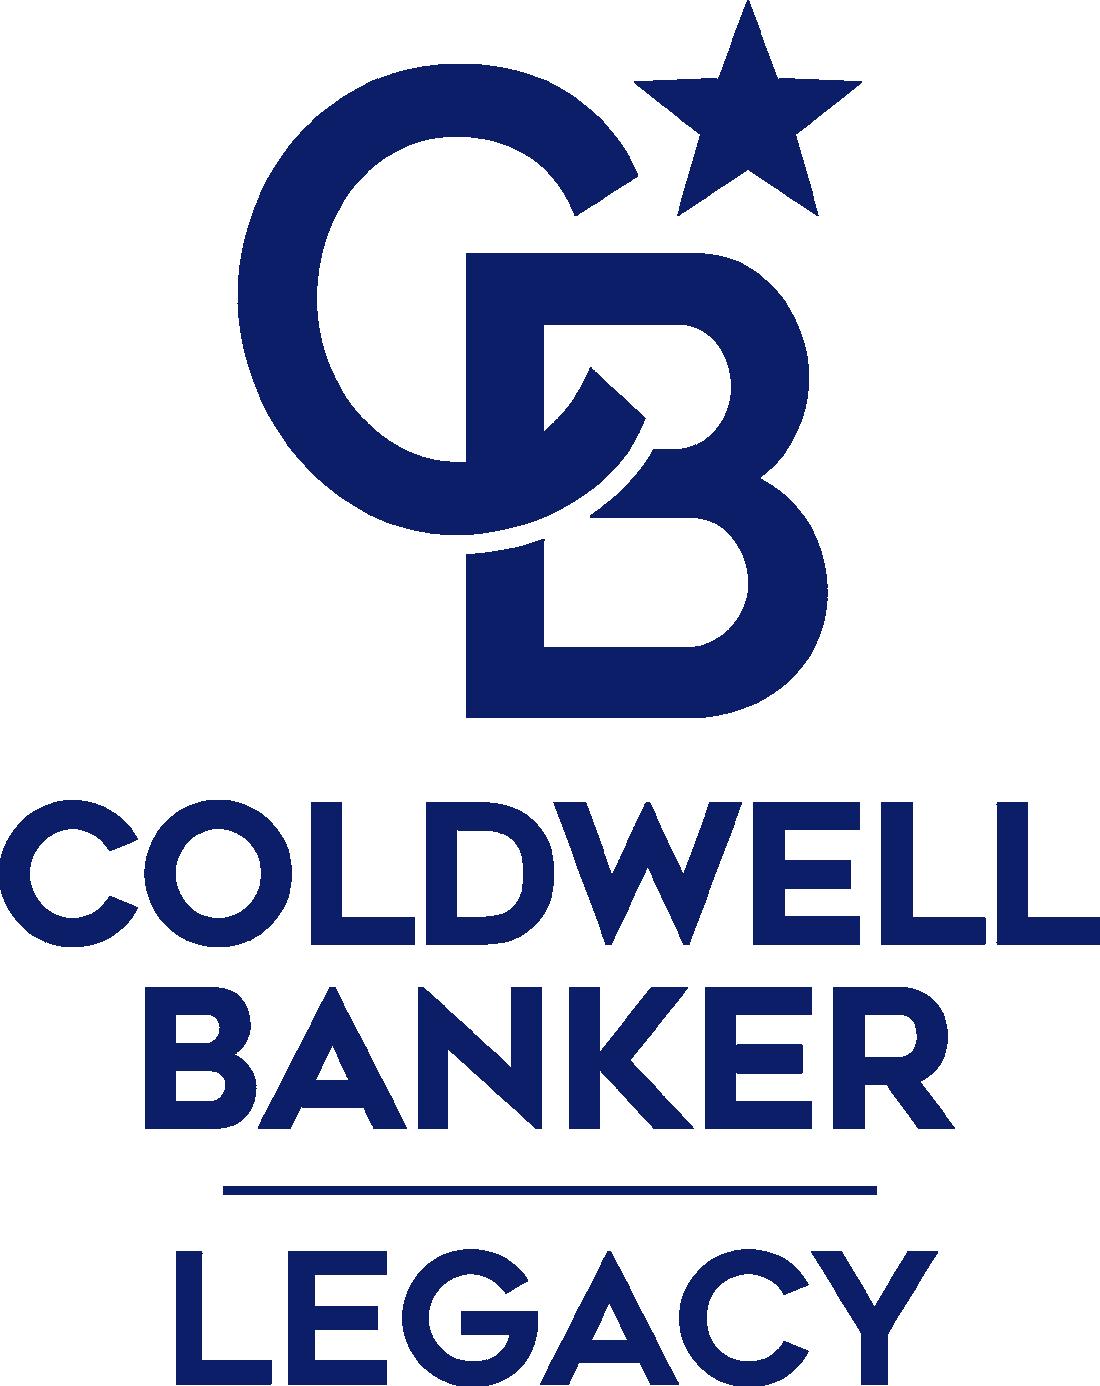 Elizabeth Cook - Coldwell Banker Legacy Realtors Logo